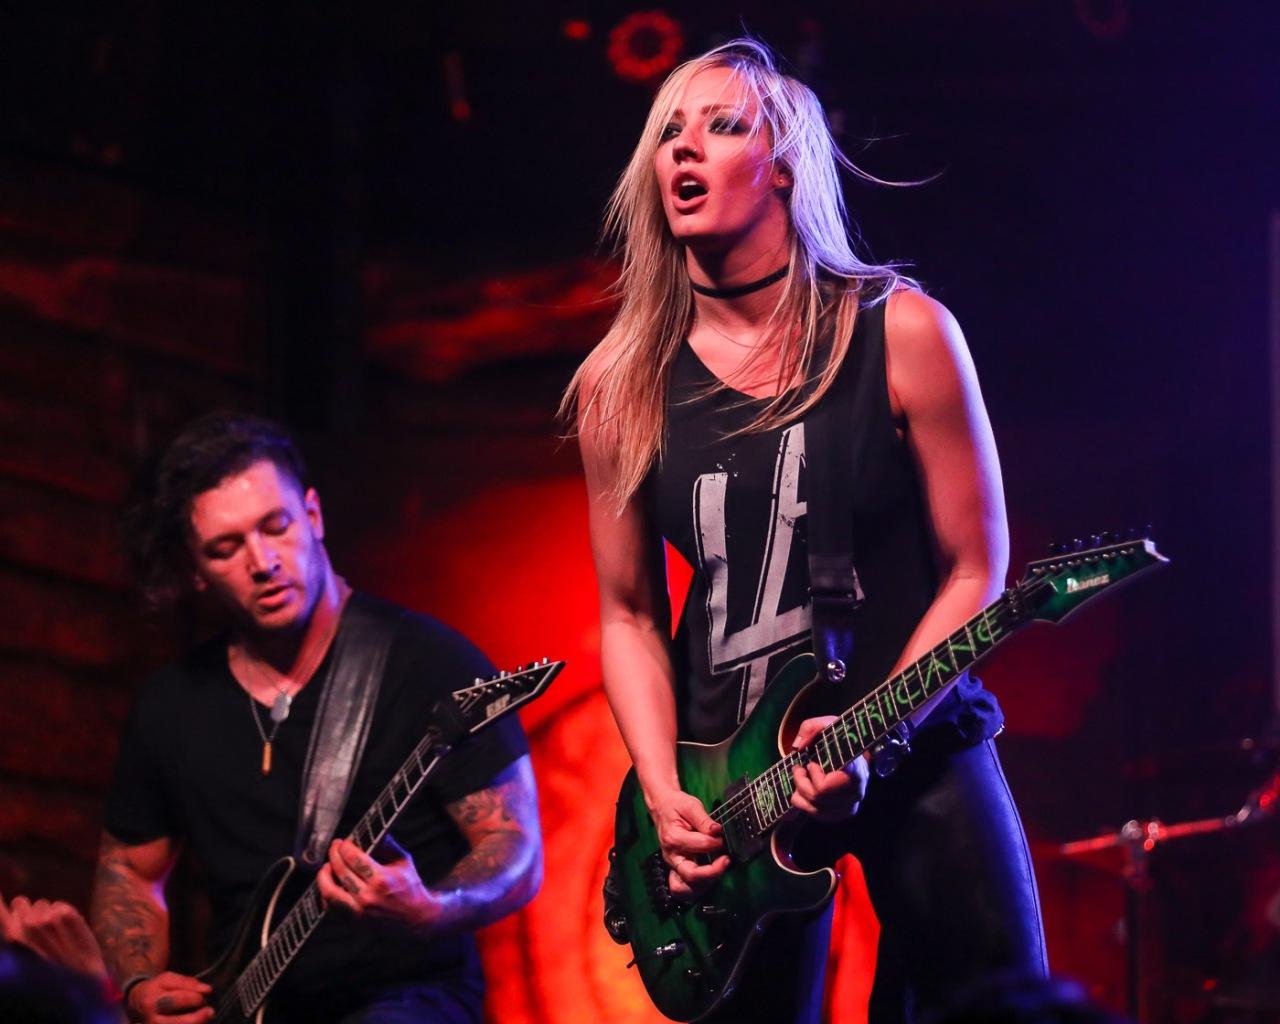 Epic Guitarist Nita Strauss Jammed in Austin –Photos